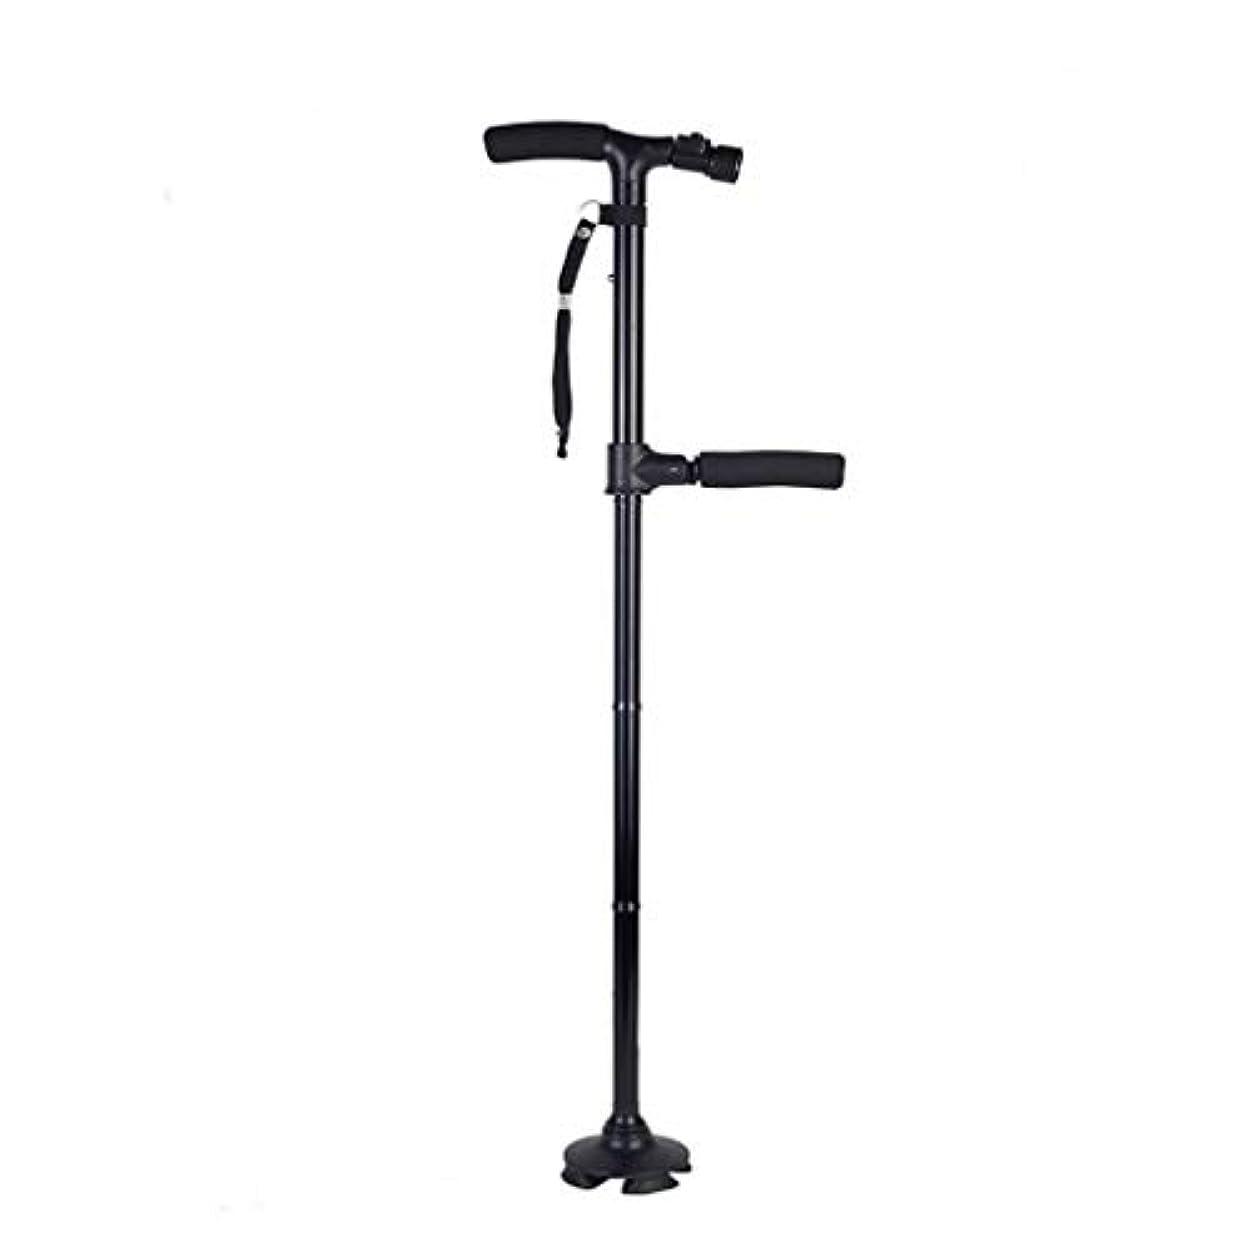 伝染病規模ペグ高さ調節可能な折りたたみ式杖、LEDライト付きアルミニウム歩行補助具-軽量、滑らかな人間工学に基づいた快適なハンドル、ハイキング杖杖高齢者用